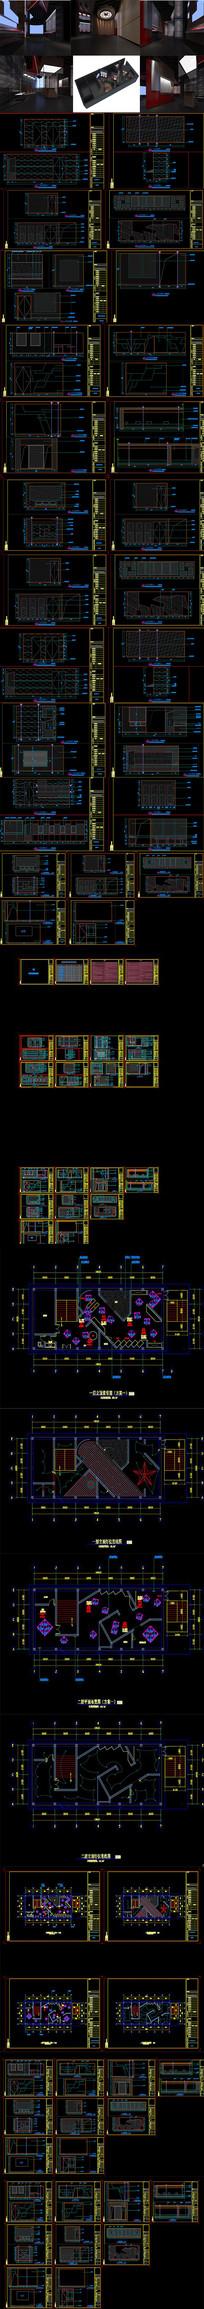 历史展厅展馆CAD施工图 效果图